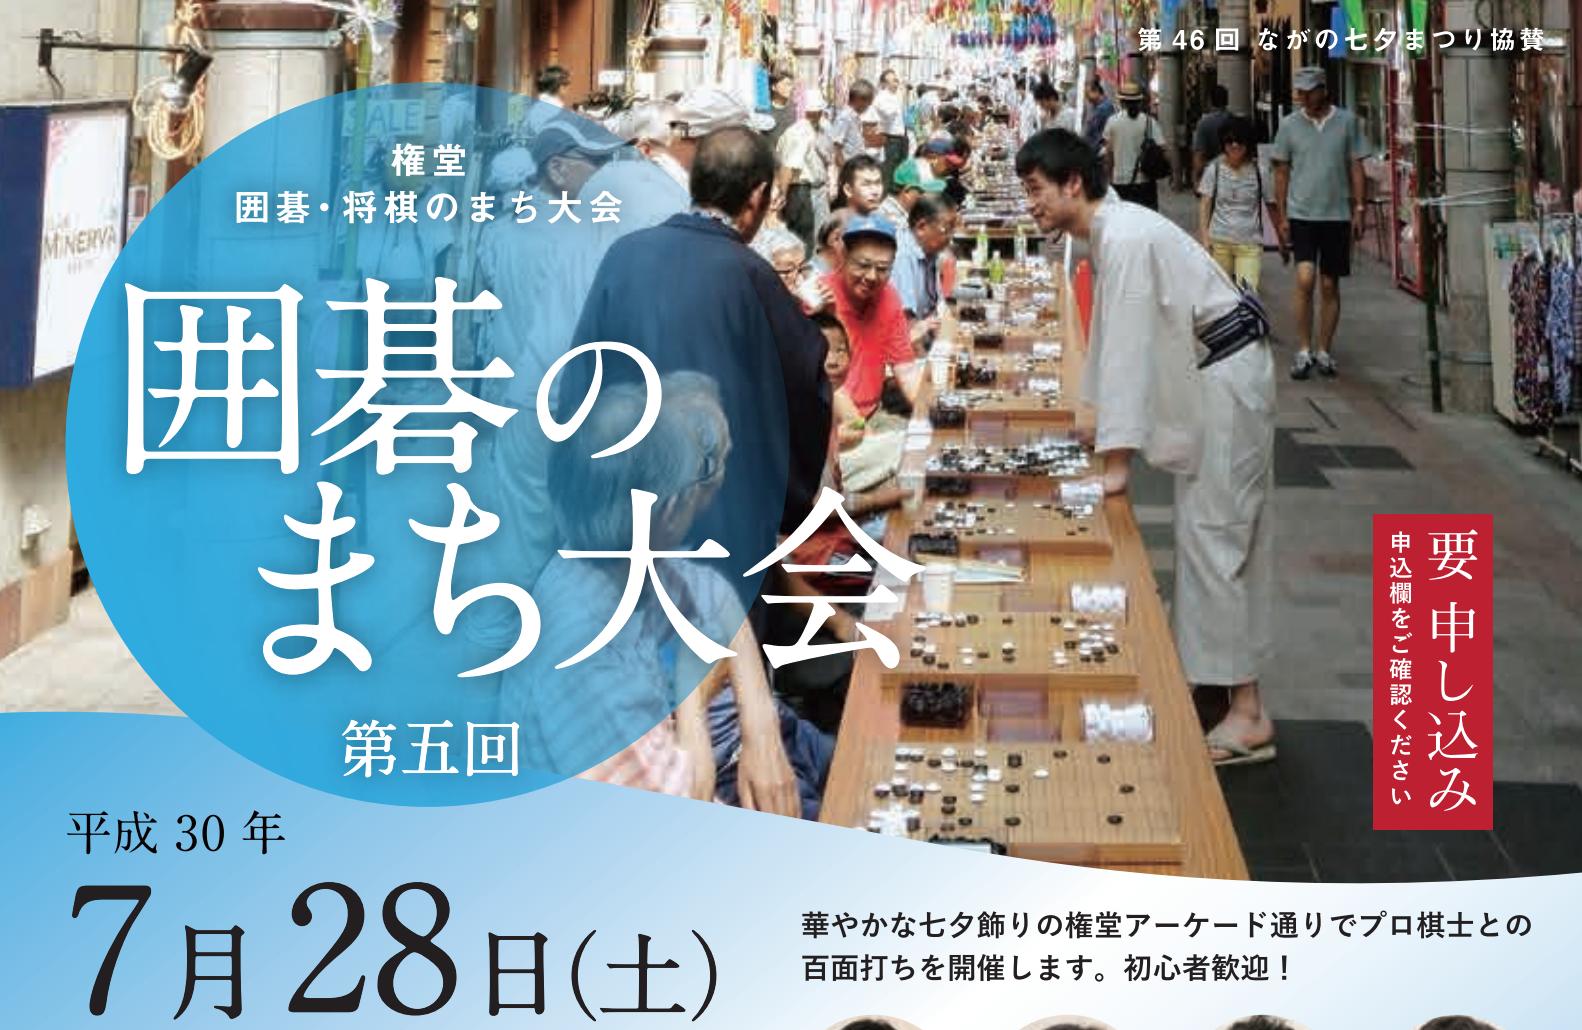 【長野】第5回 囲碁のまち大会(権堂 囲碁・将棋のまち大会)